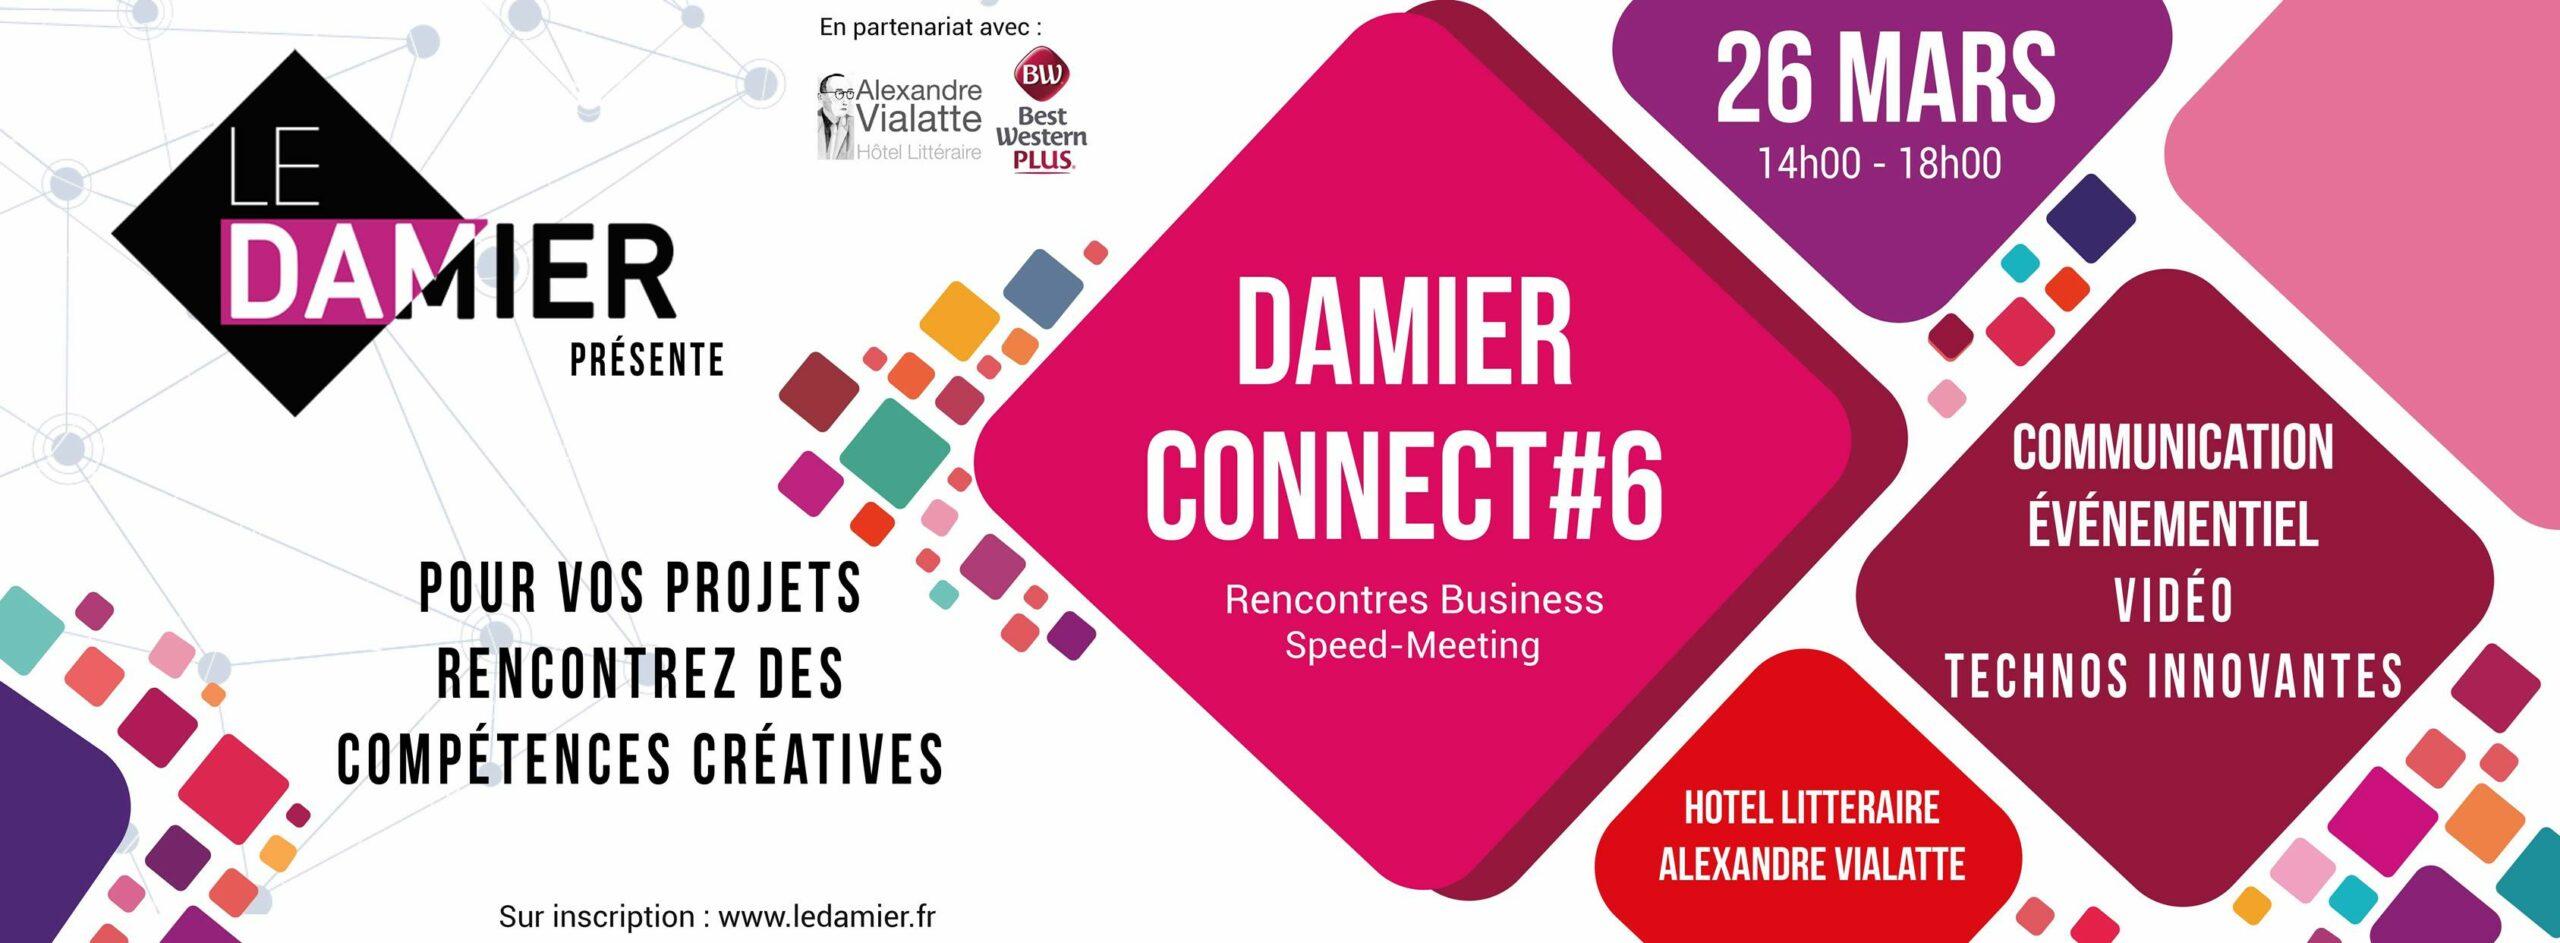 DAMIER Connect#6 @ Hôtel Littéraire Alexandre Vialatte | Clermont-Ferrand | Auvergne-Rhône-Alpes | France